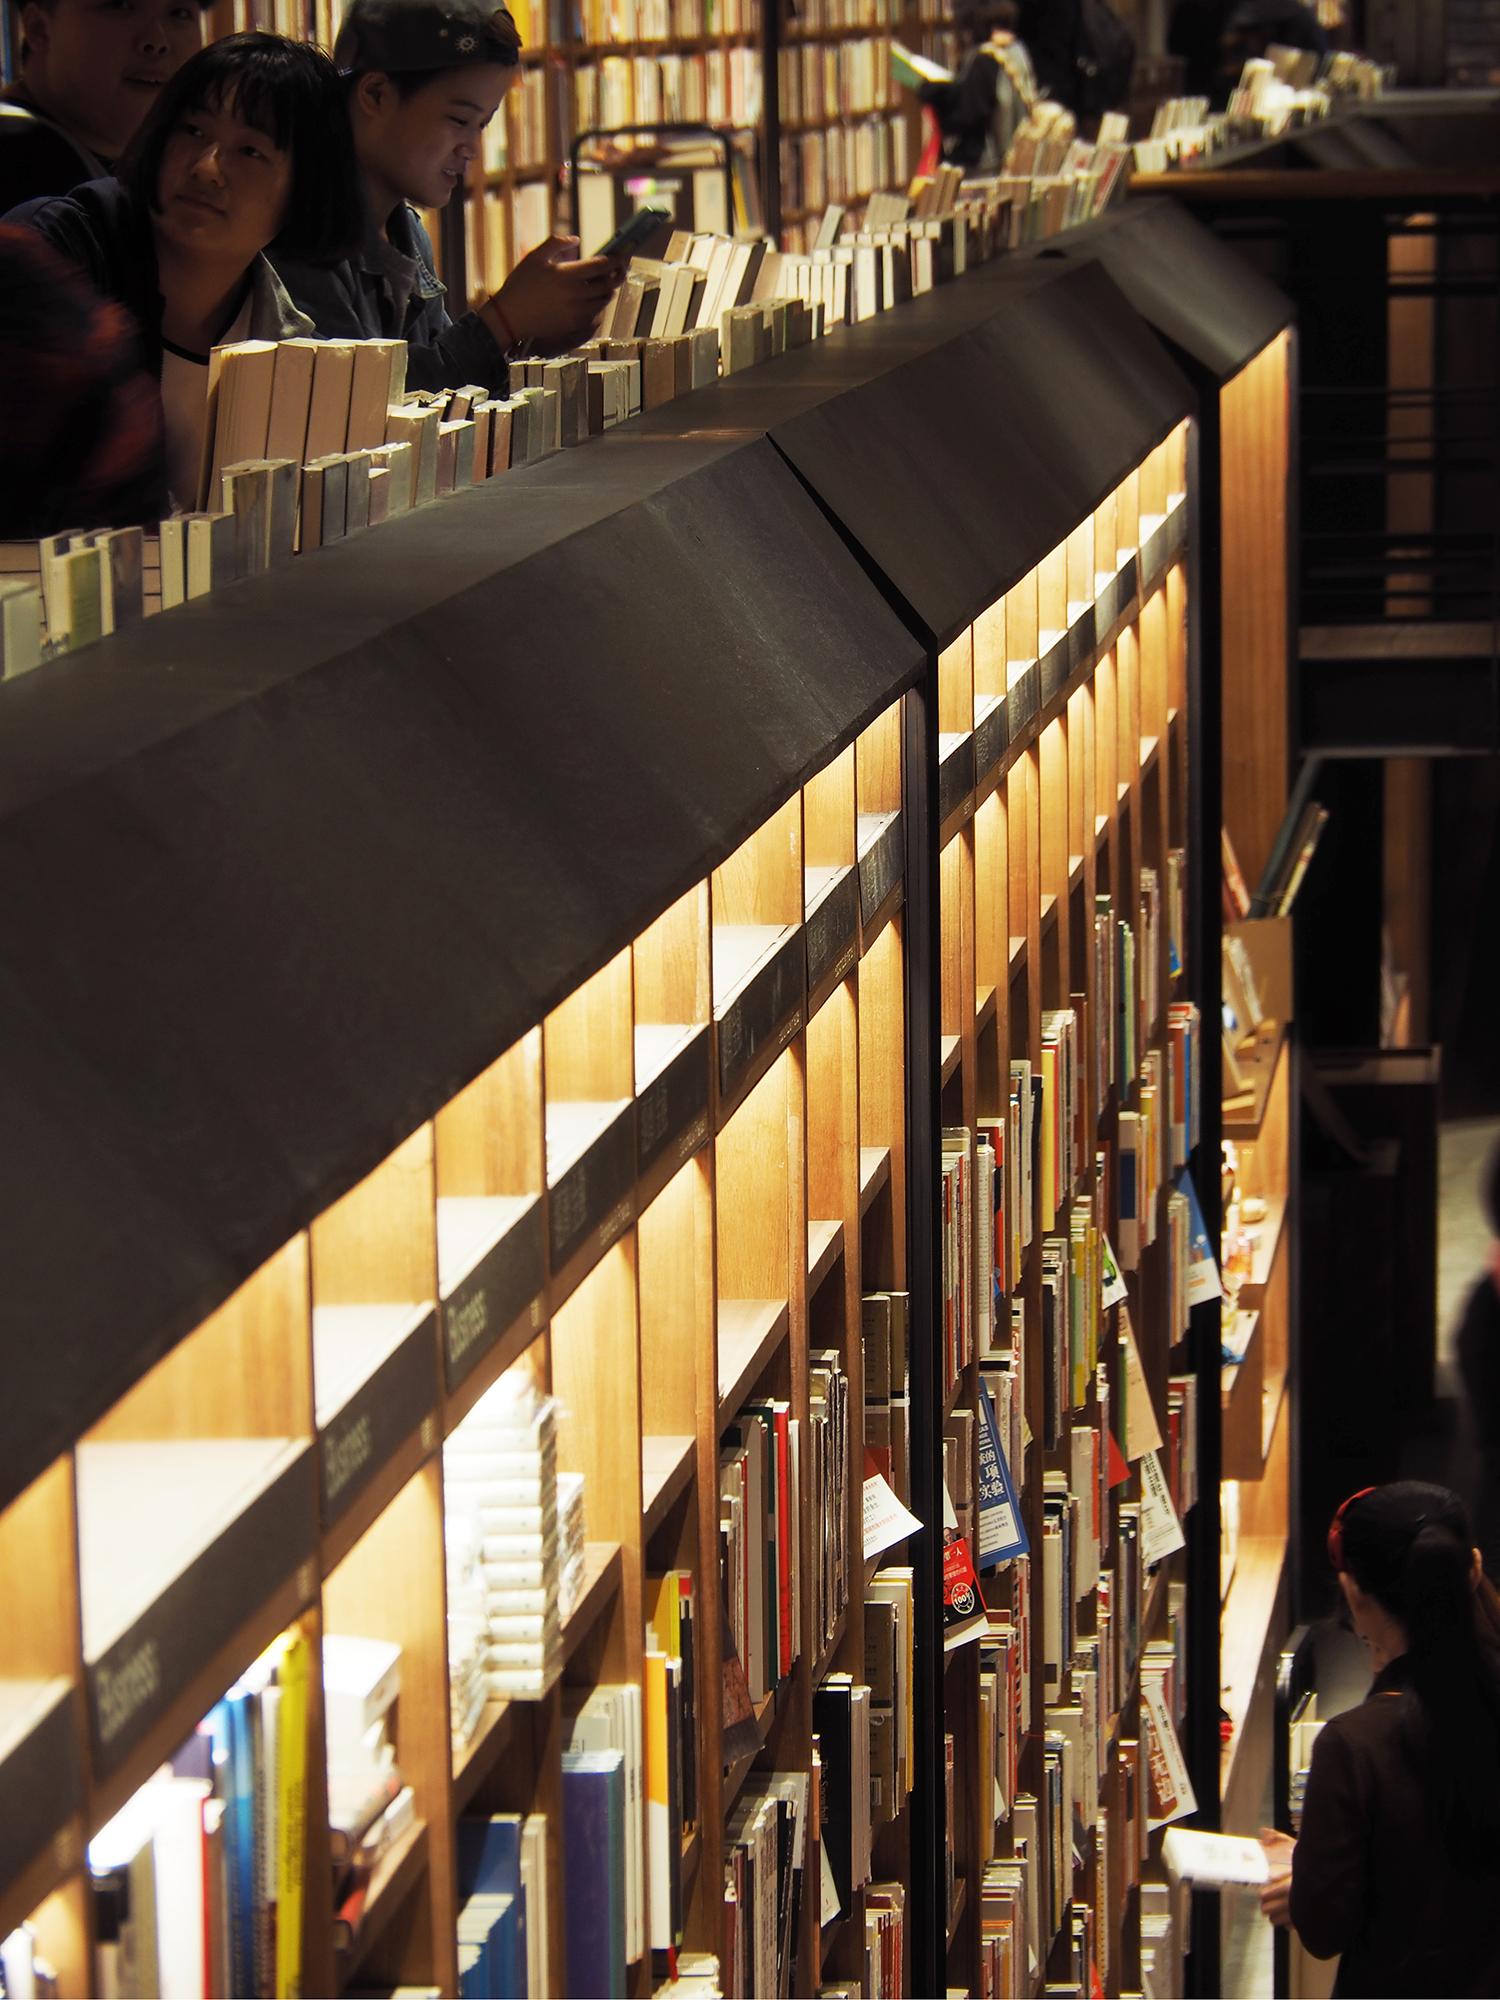 CHU_CHIH_KANG-chengdu-fangsuo-bookstore-hisheji (15)